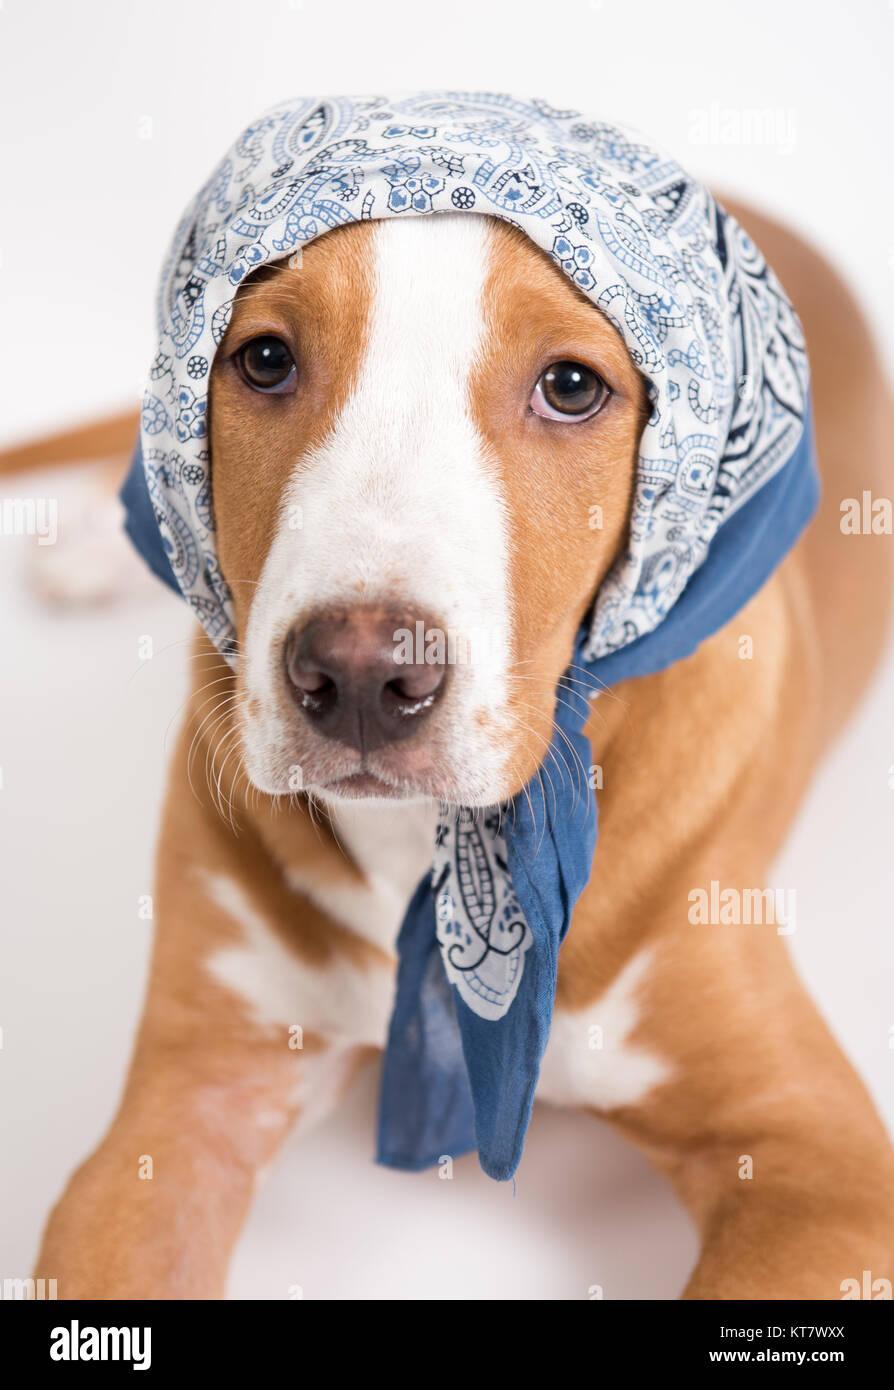 Dog Wearing Bandana Stock Photos Amp Dog Wearing Bandana